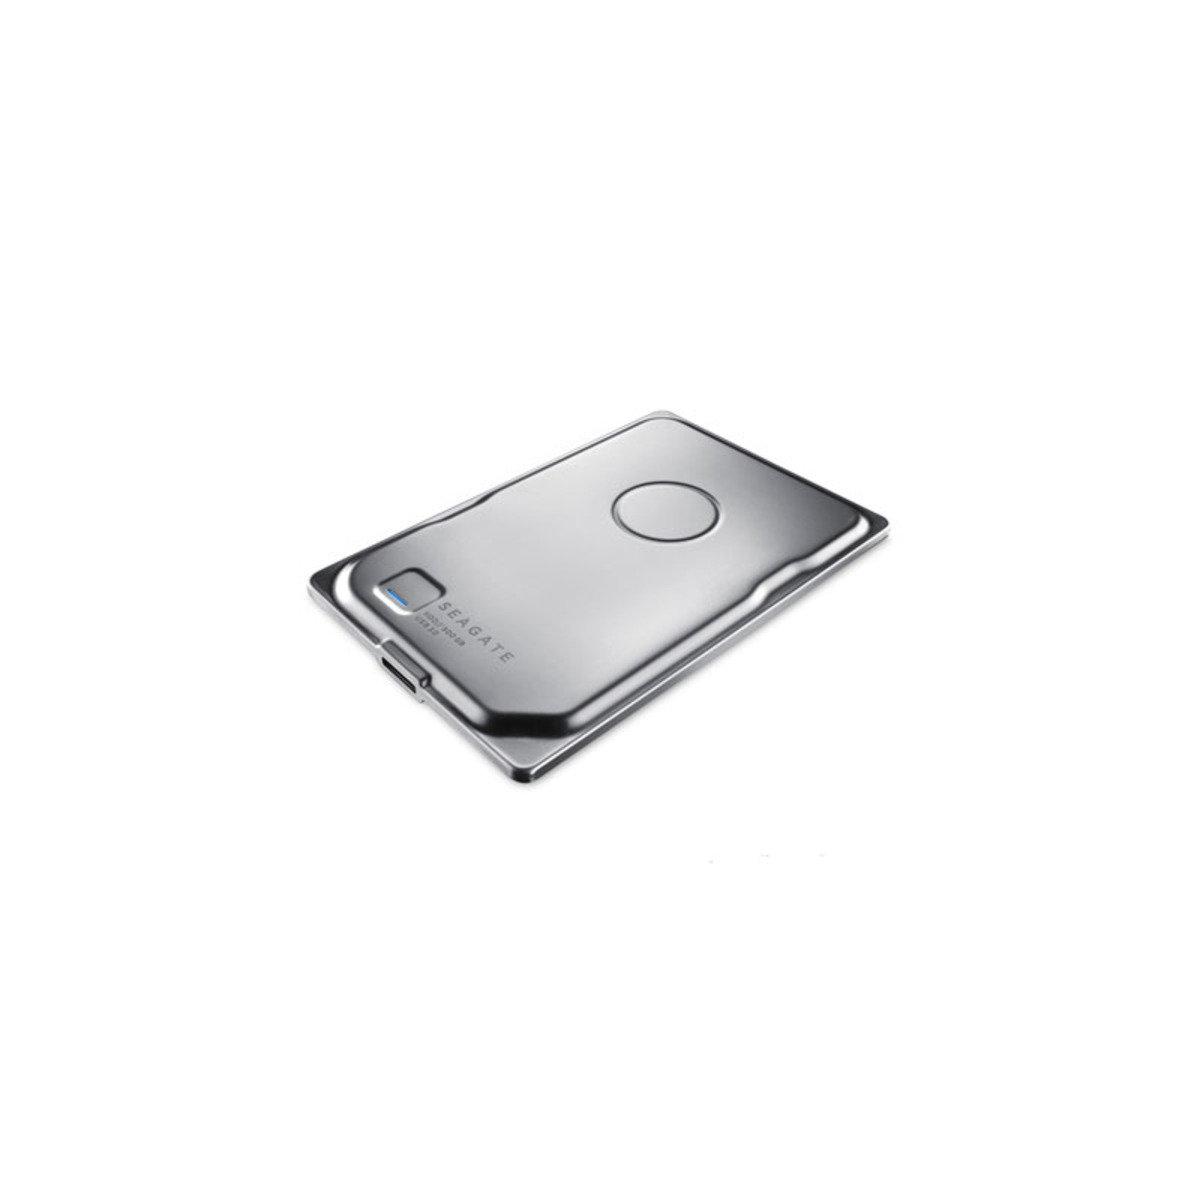 2.5吋 500GB 不鏽鋼超薄7mm外置USB3.0硬碟 STDZ500401